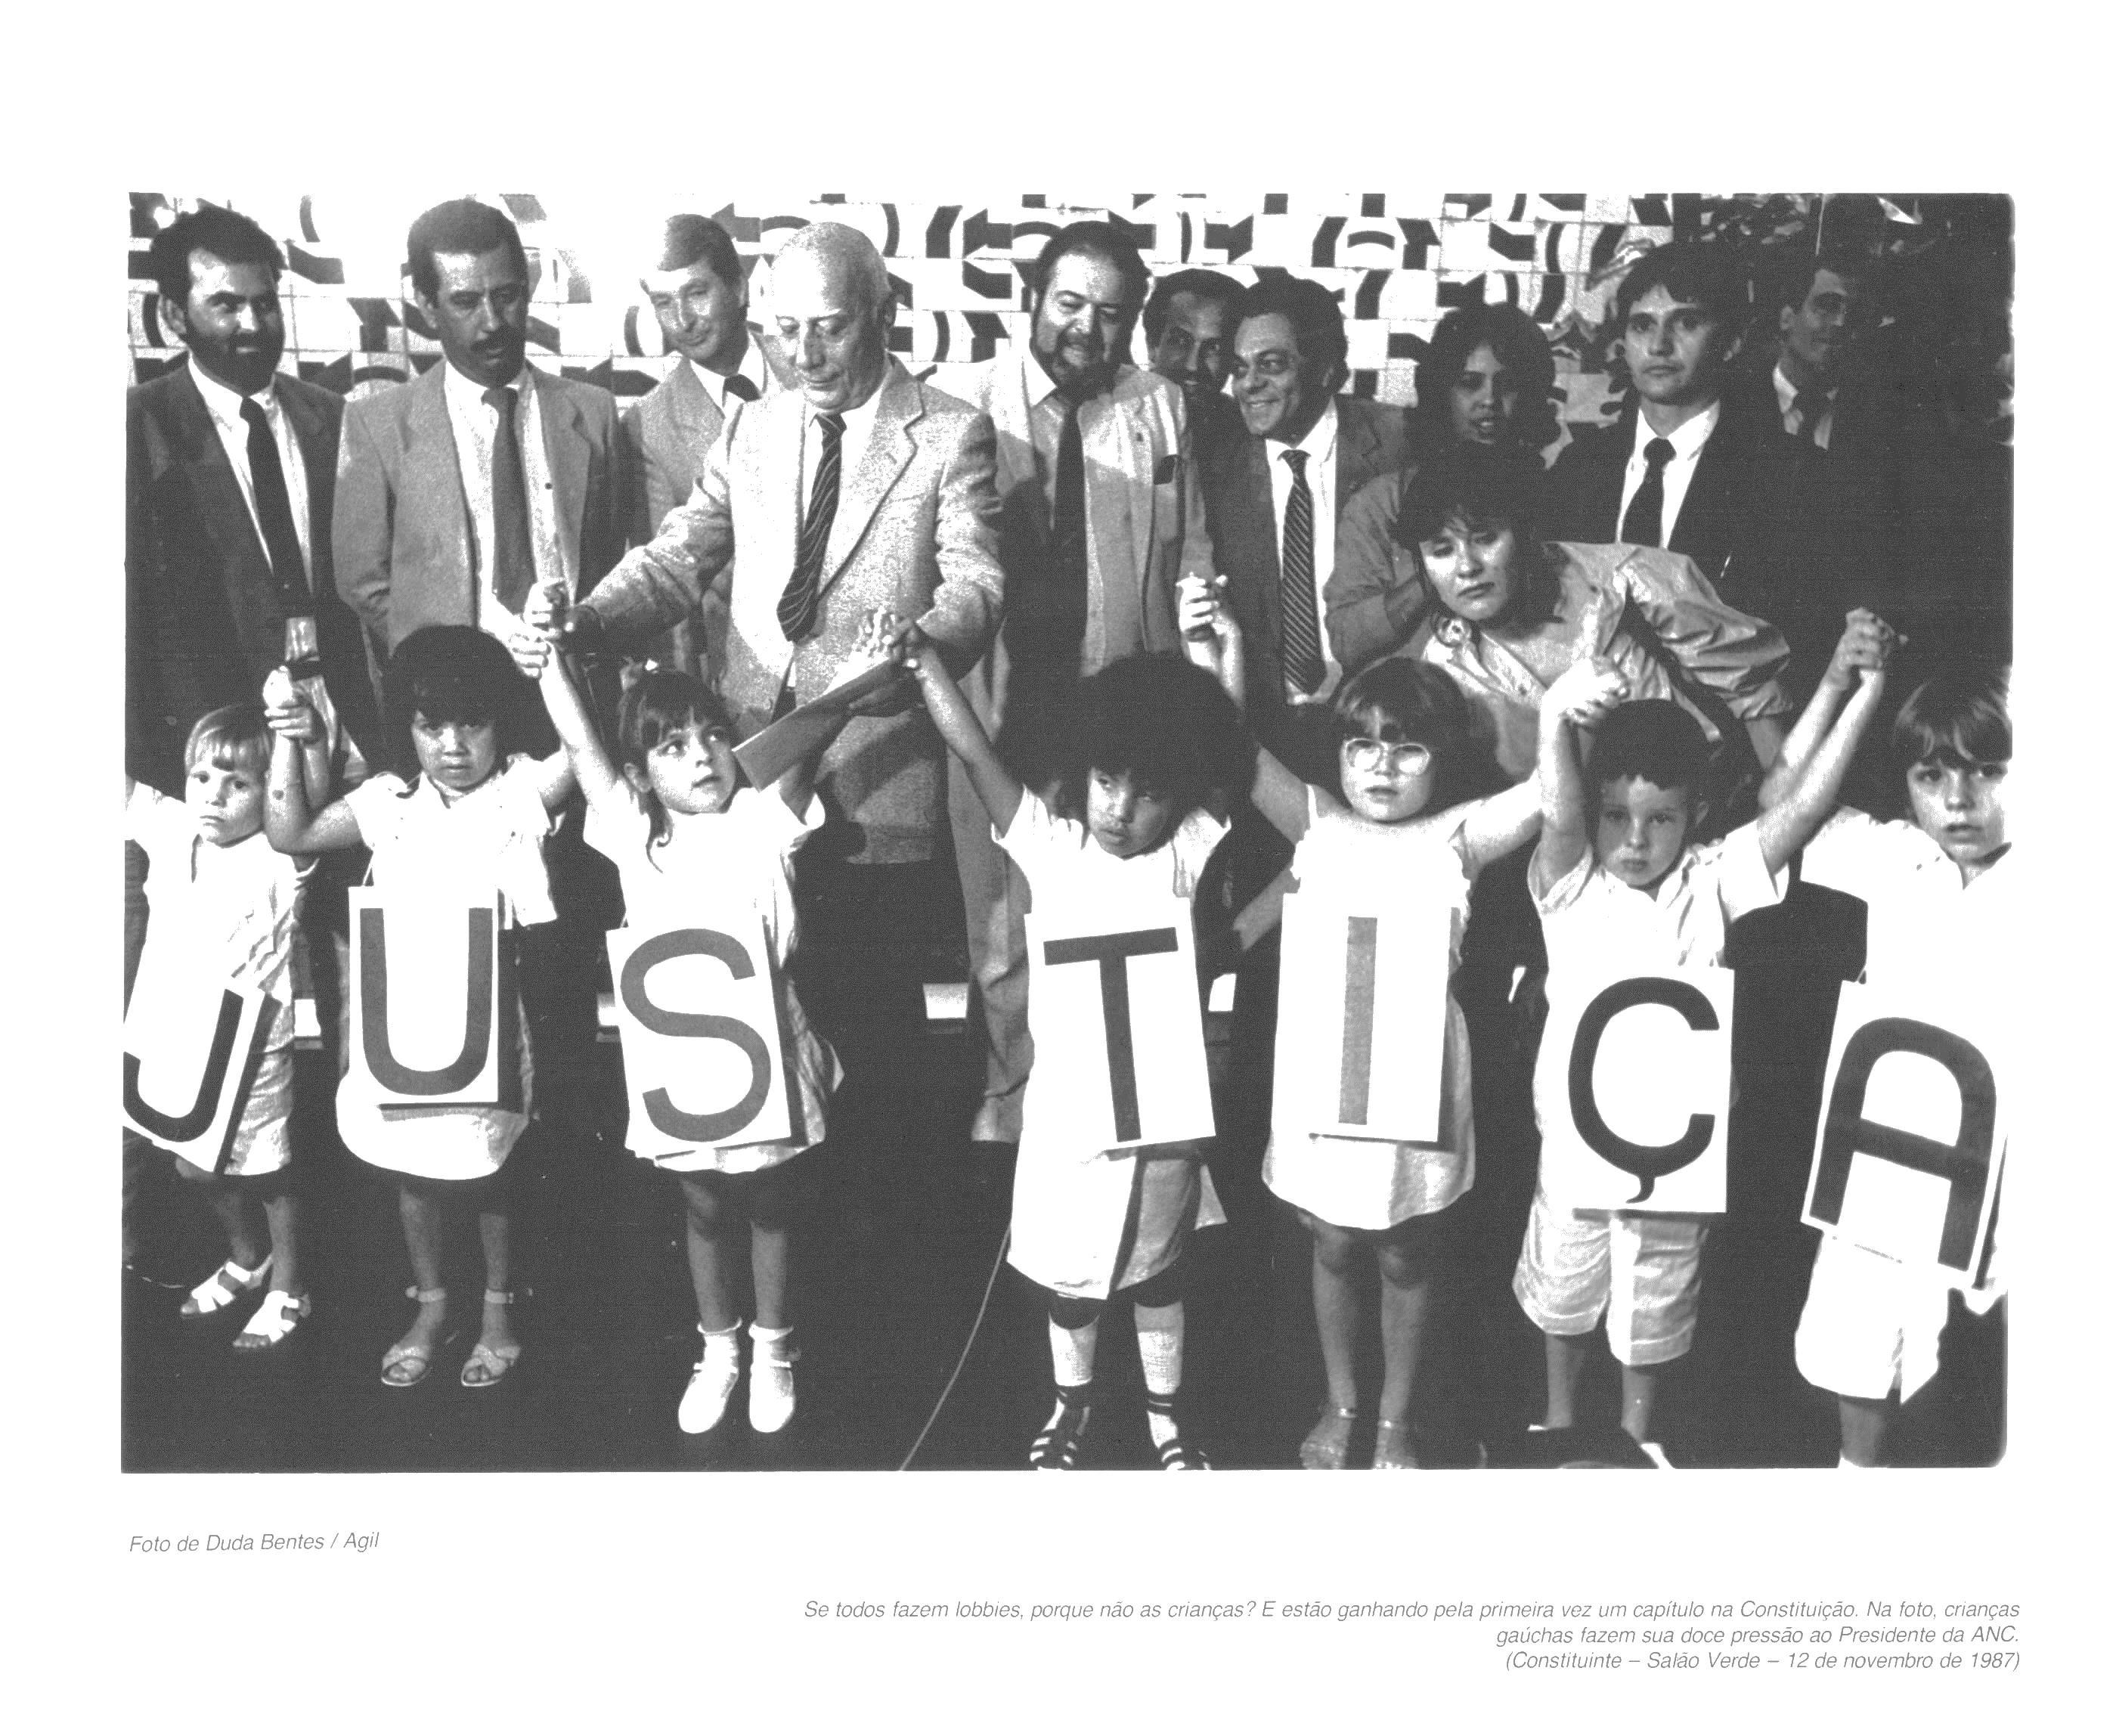 Crianças no Congresso Nacional. Foto: Duda Bentes